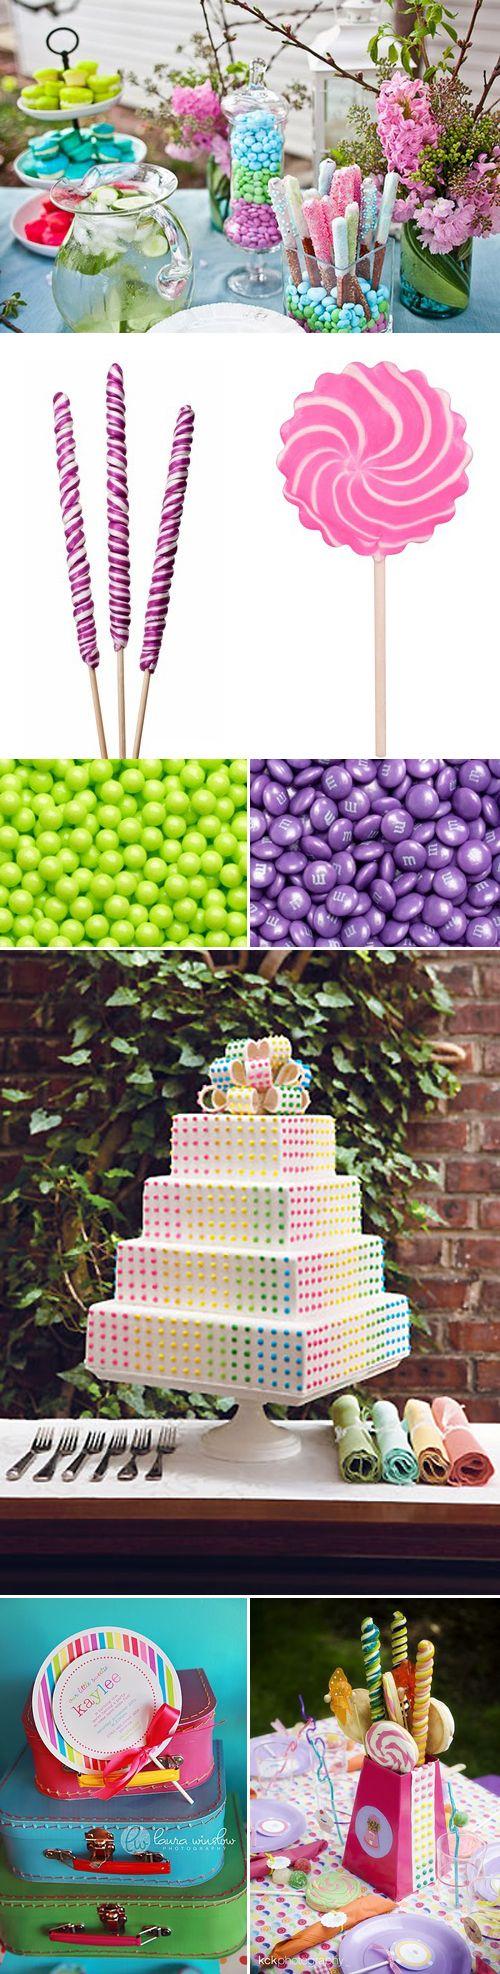 Toda criança gosta de doces, isso não é novidade. Então que tal fazer uma festa temática de doces?! Não precisa ser tuuudo realmente feito de balas e chicletes, o legal mesmo são os enfeites e pratos adaptados para parecerem doces...